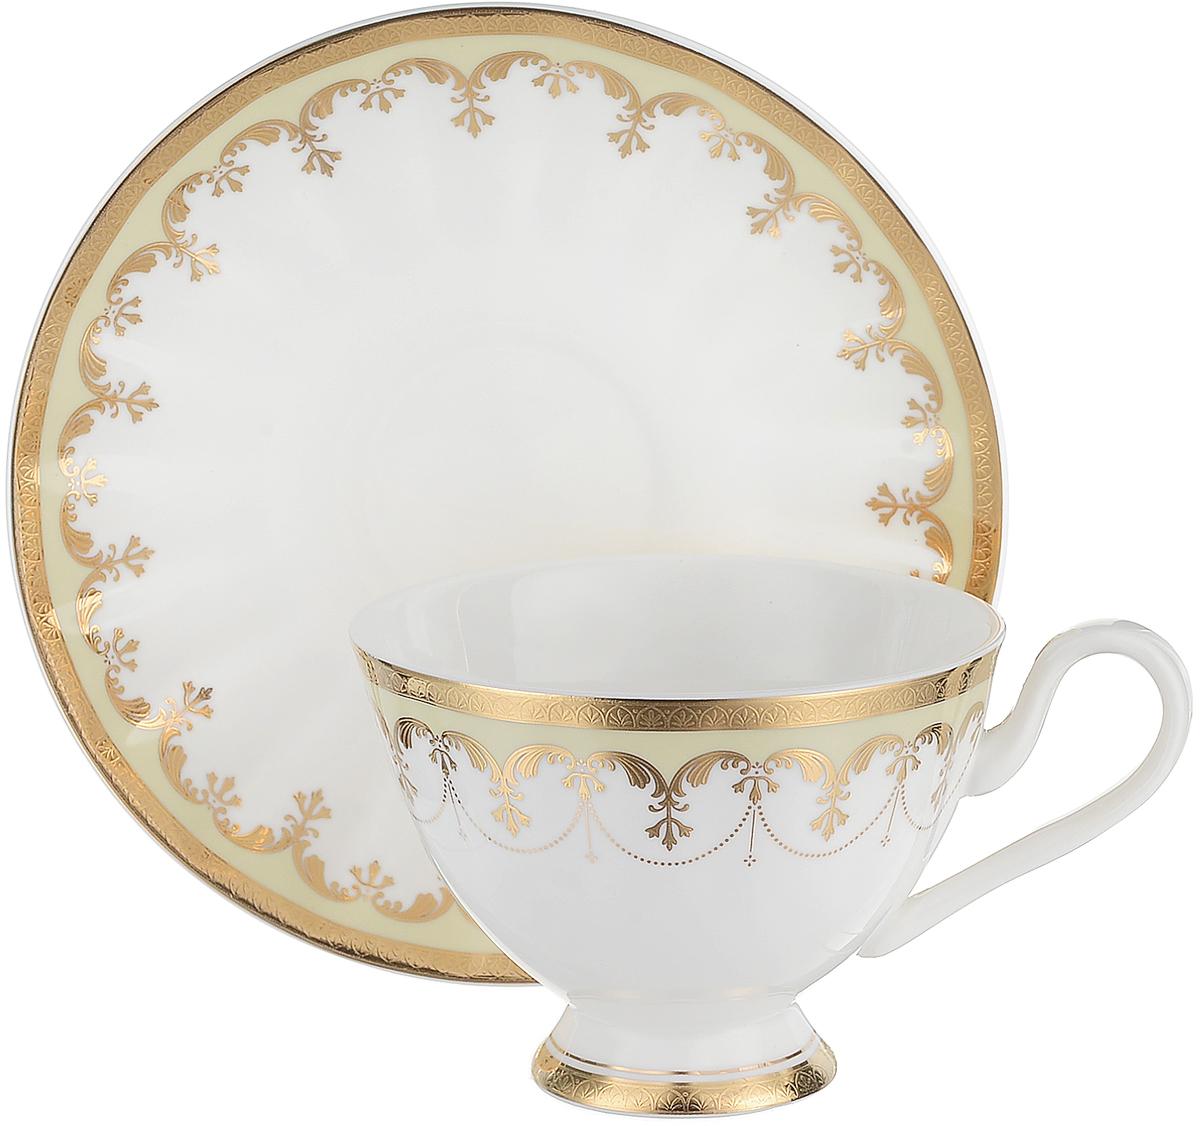 Чайная пара Royal Aurel Империал, 2 предмета231Чайная пара Royal Aurel Империал, выполненная из костяного фарфора, состоит из чашки и блюдца. Предметы набора имеют белую окраску с орнаментом. Изящный дизайн и красочность оформления придутся по вкусу и ценителям классики, и тем, кто предпочитает утонченность и изысканность.Чайная пара - идеальный и необходимый подарок для вашего дома и для ваших друзей в праздники, юбилеи и торжества! Он также станет отличным корпоративным подарком и украшением любой кухни.Все предметы сервизов упакованы в отдельные упаковки, что практически исключает возможность боя посуды.